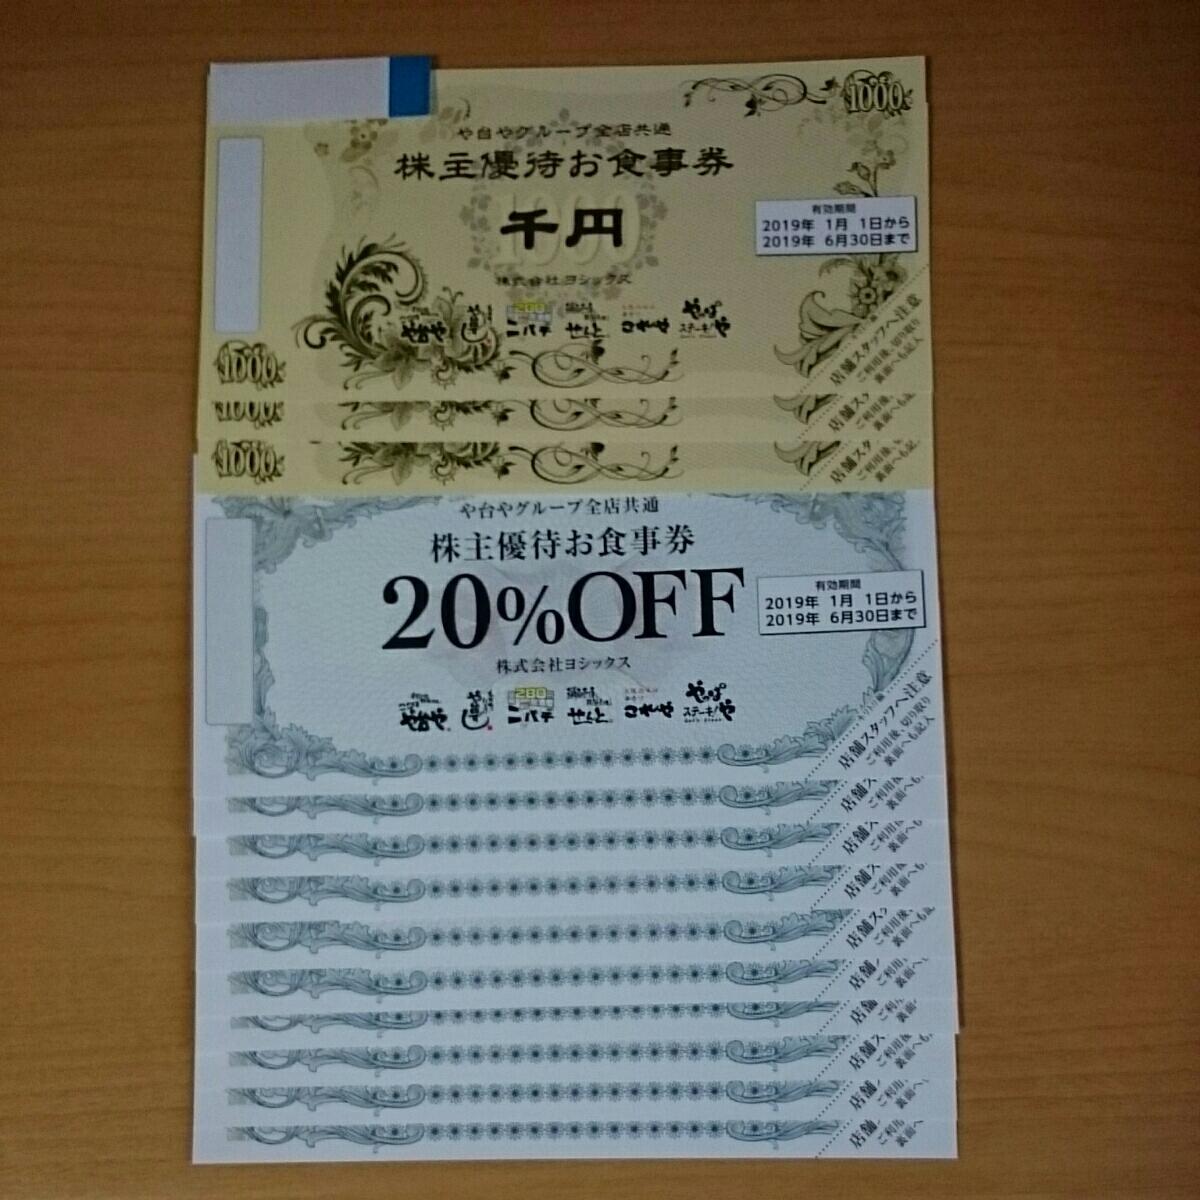 ヨシックス株主優待券3,000円+20%OFF券10枚